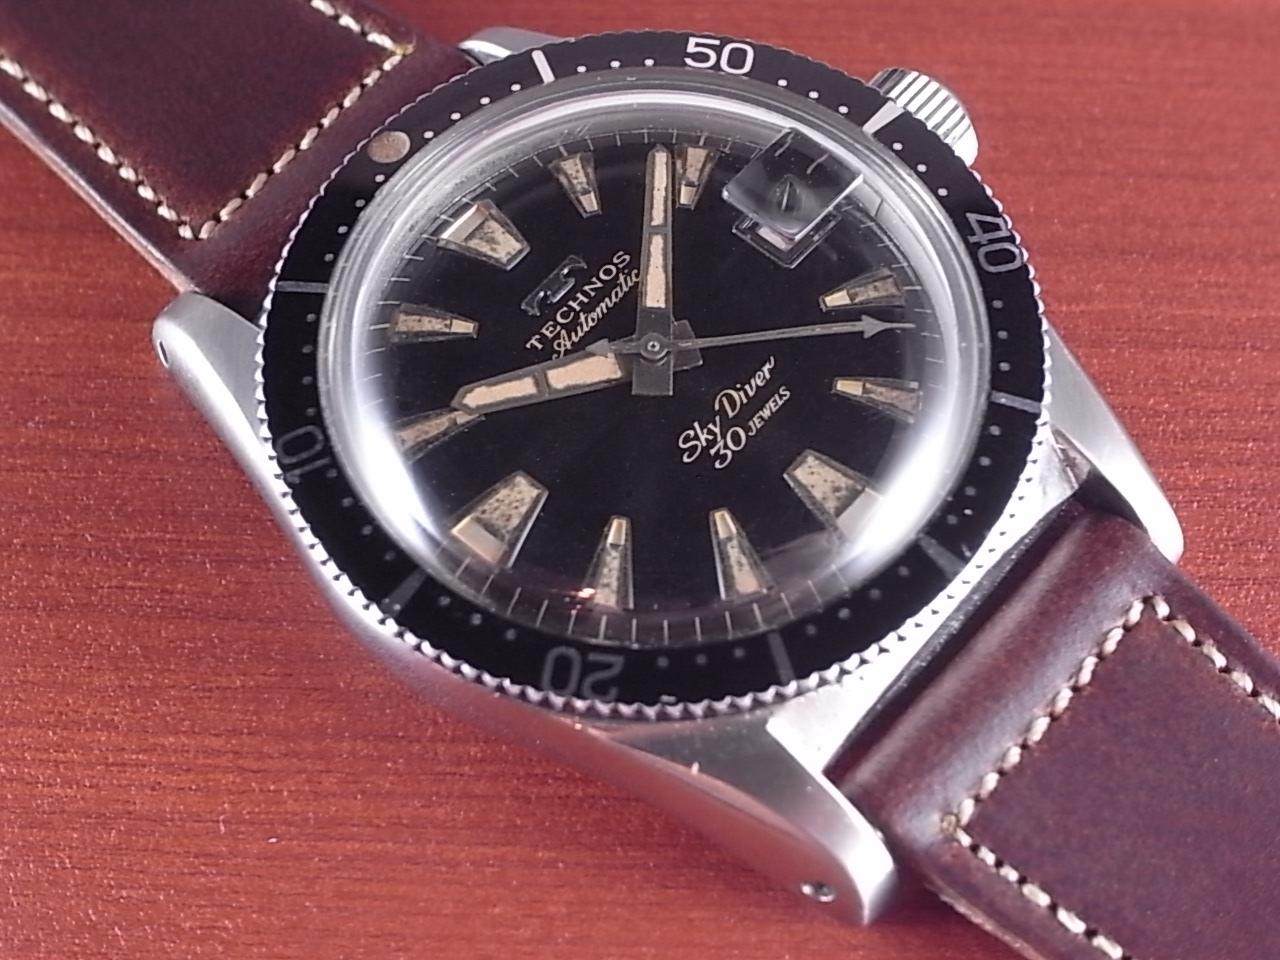 テクノス スカイダイバー 30JEWEL 初期タイプ 1960年代のメイン写真